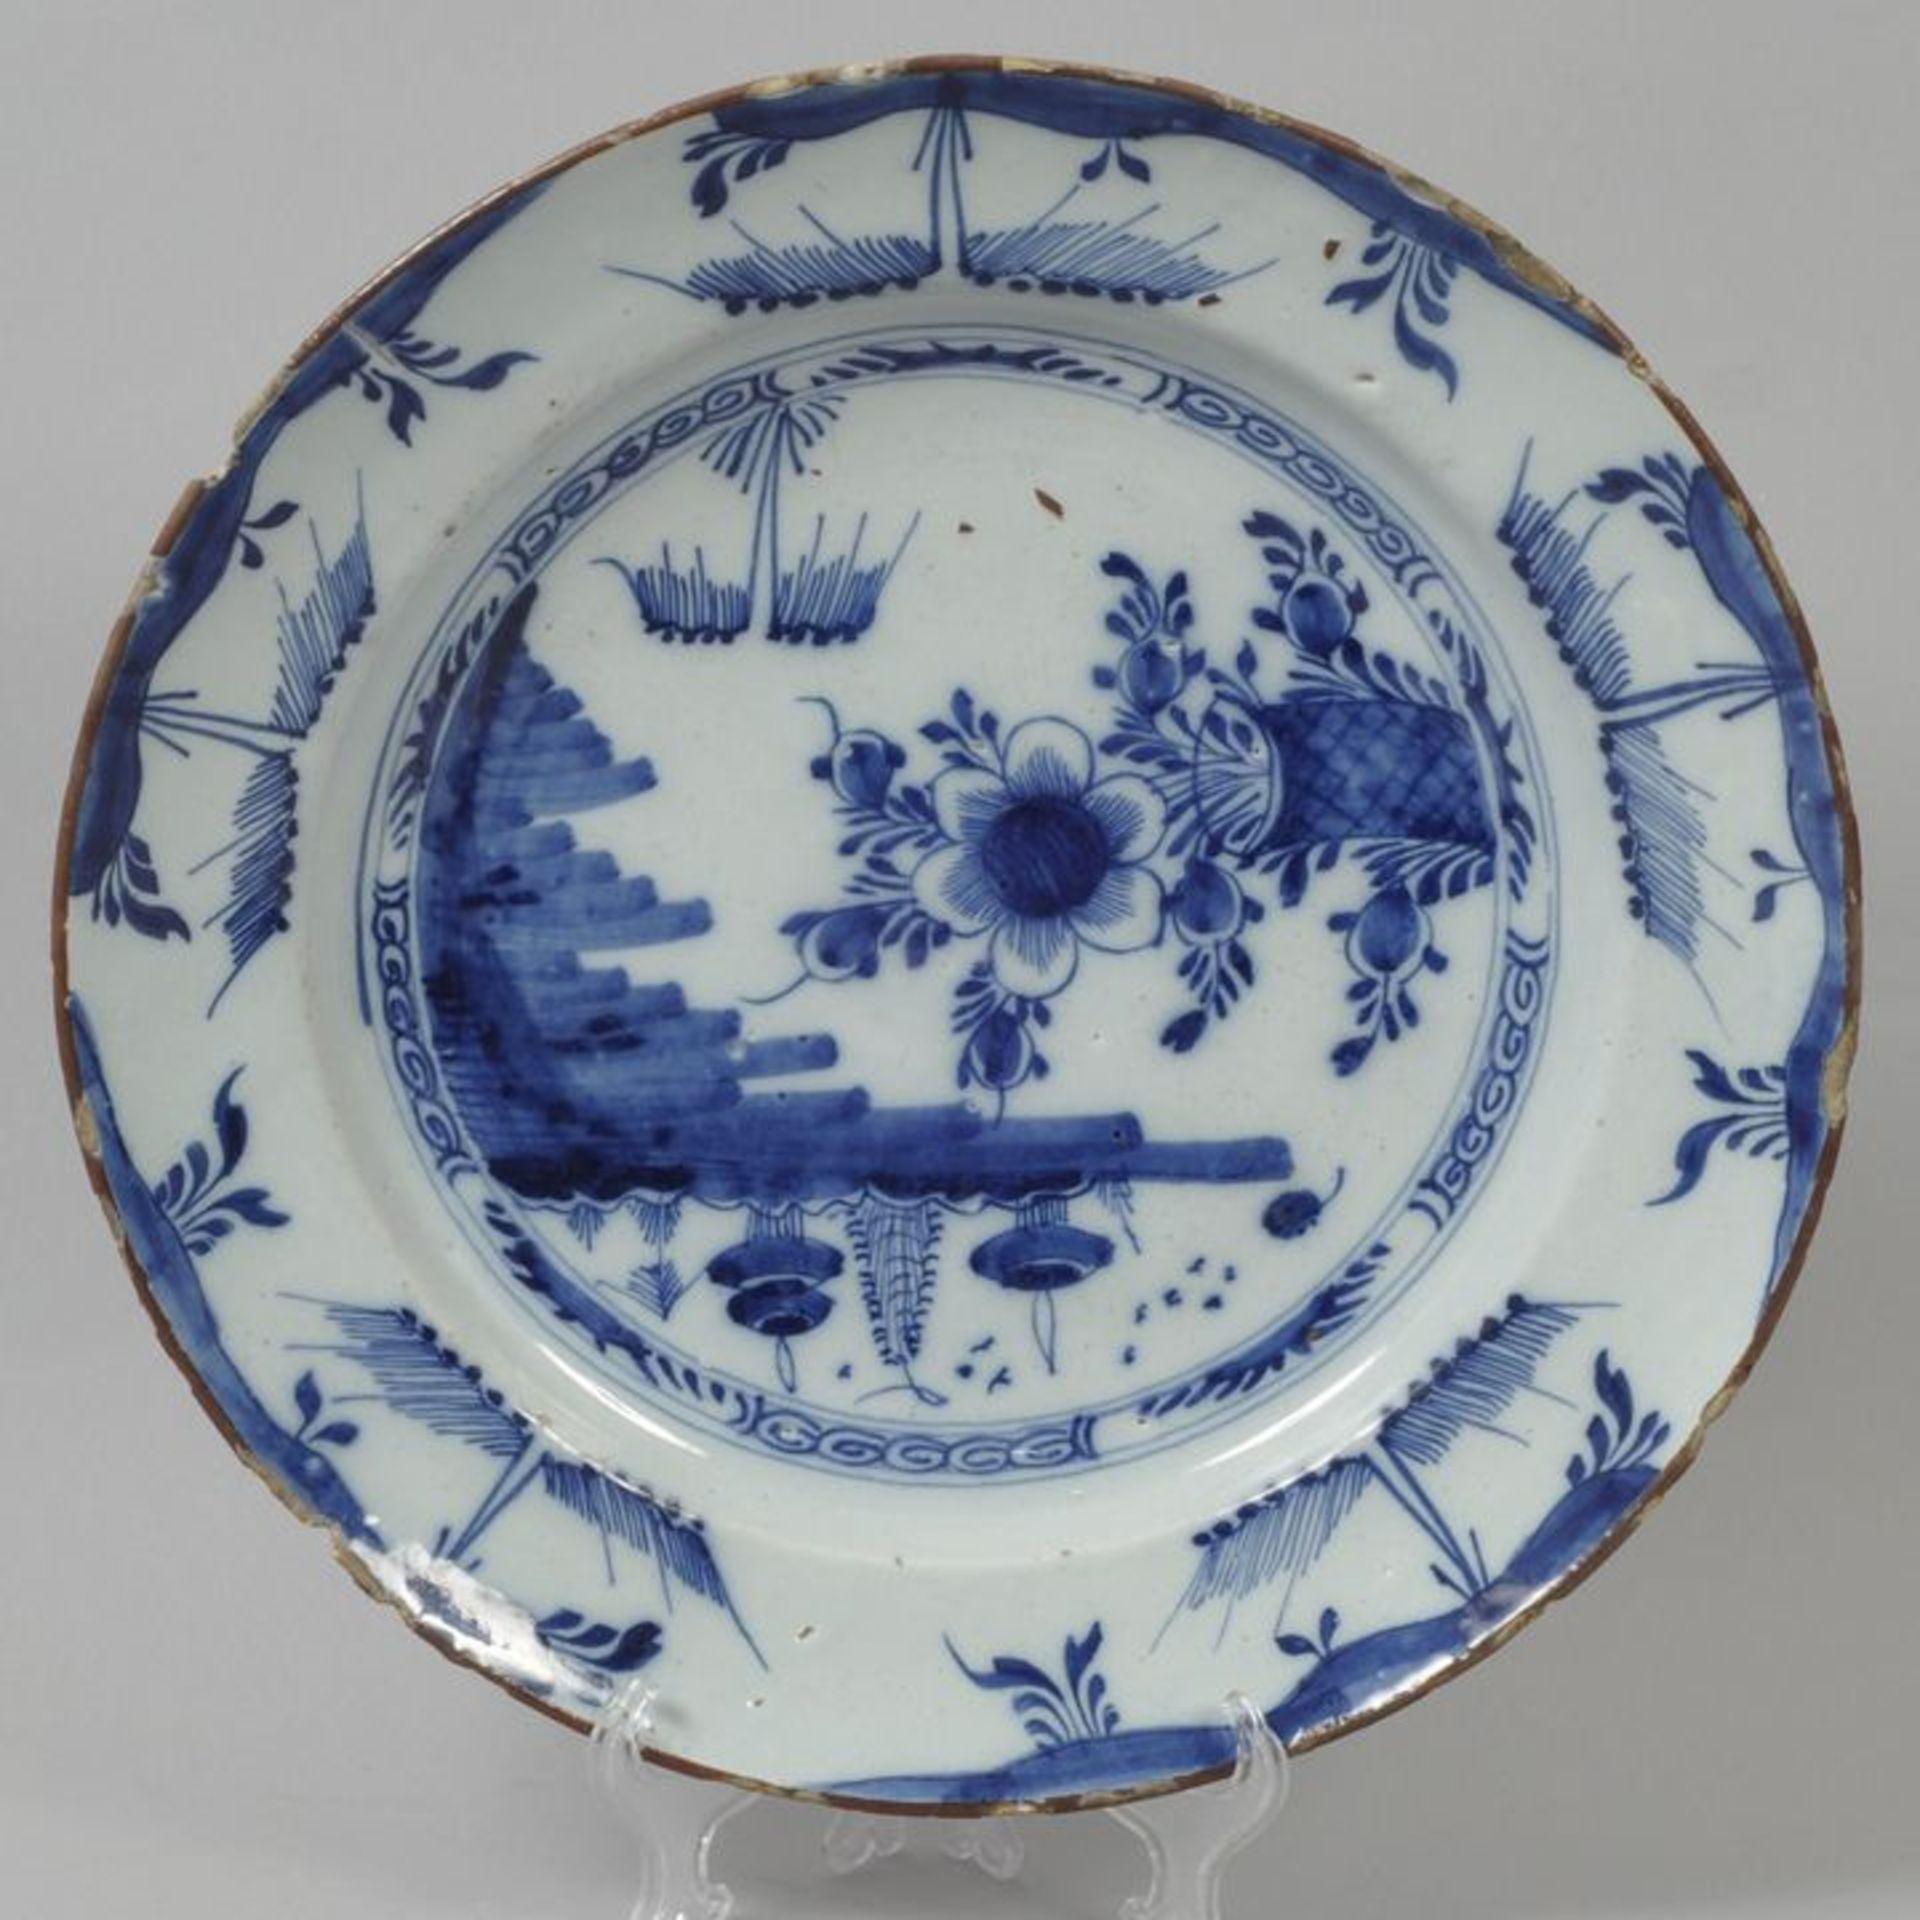 Los 2 - Runde Platte, Delft, um 1700Fayence, in Blaumalerei auf weißer Glasur dekoriert. Glattrandige...